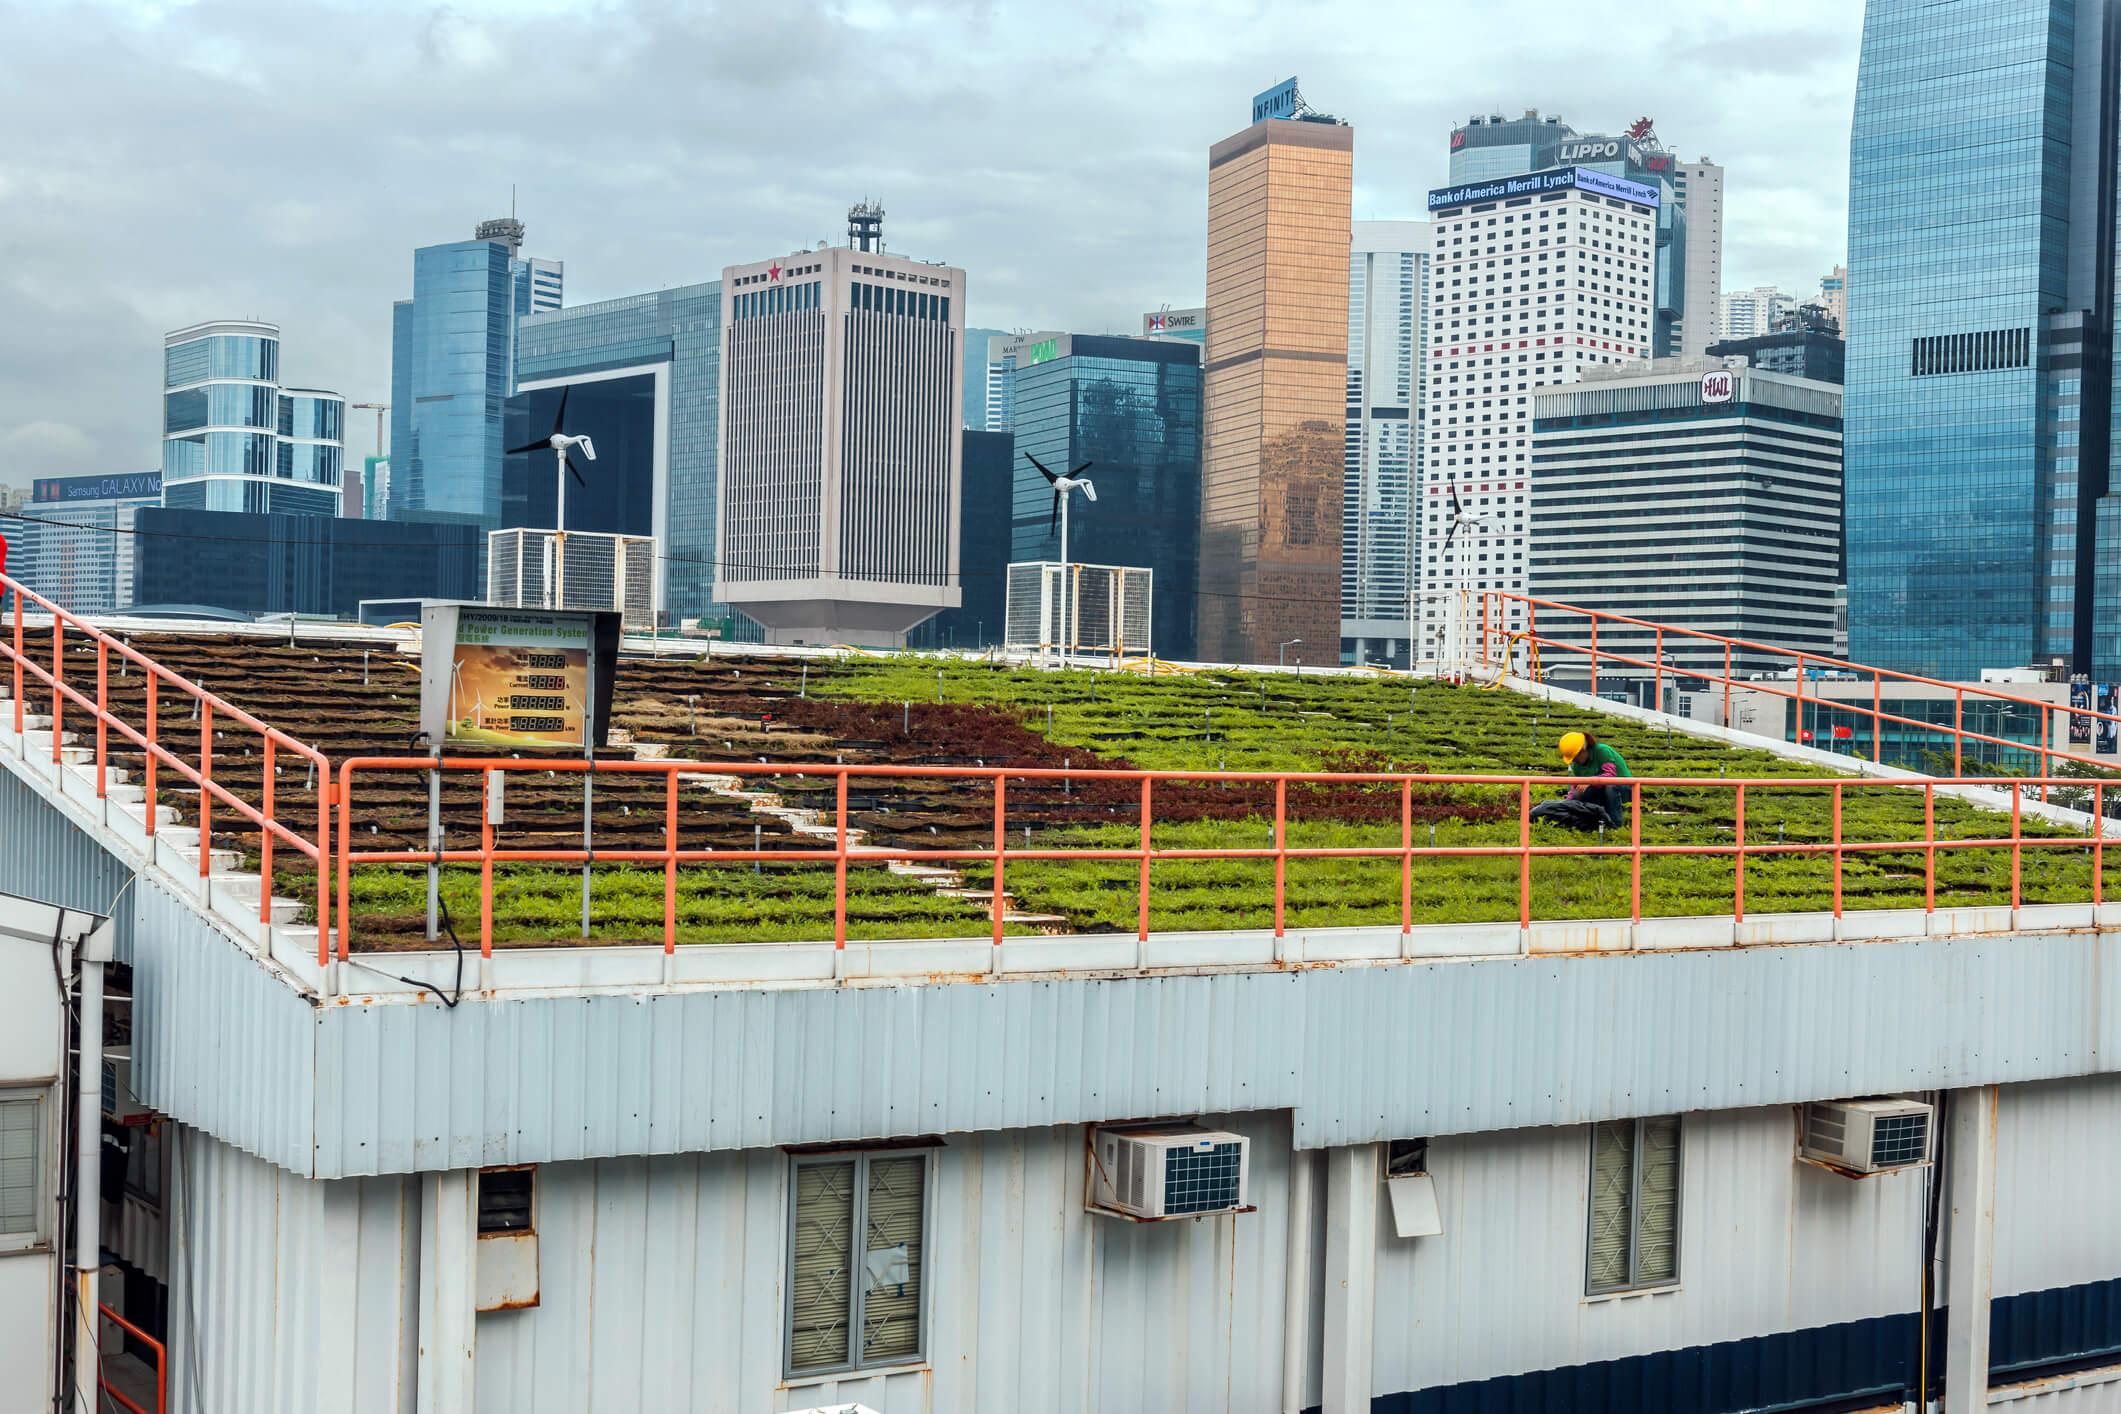 vista de cima do telhado de uma construção